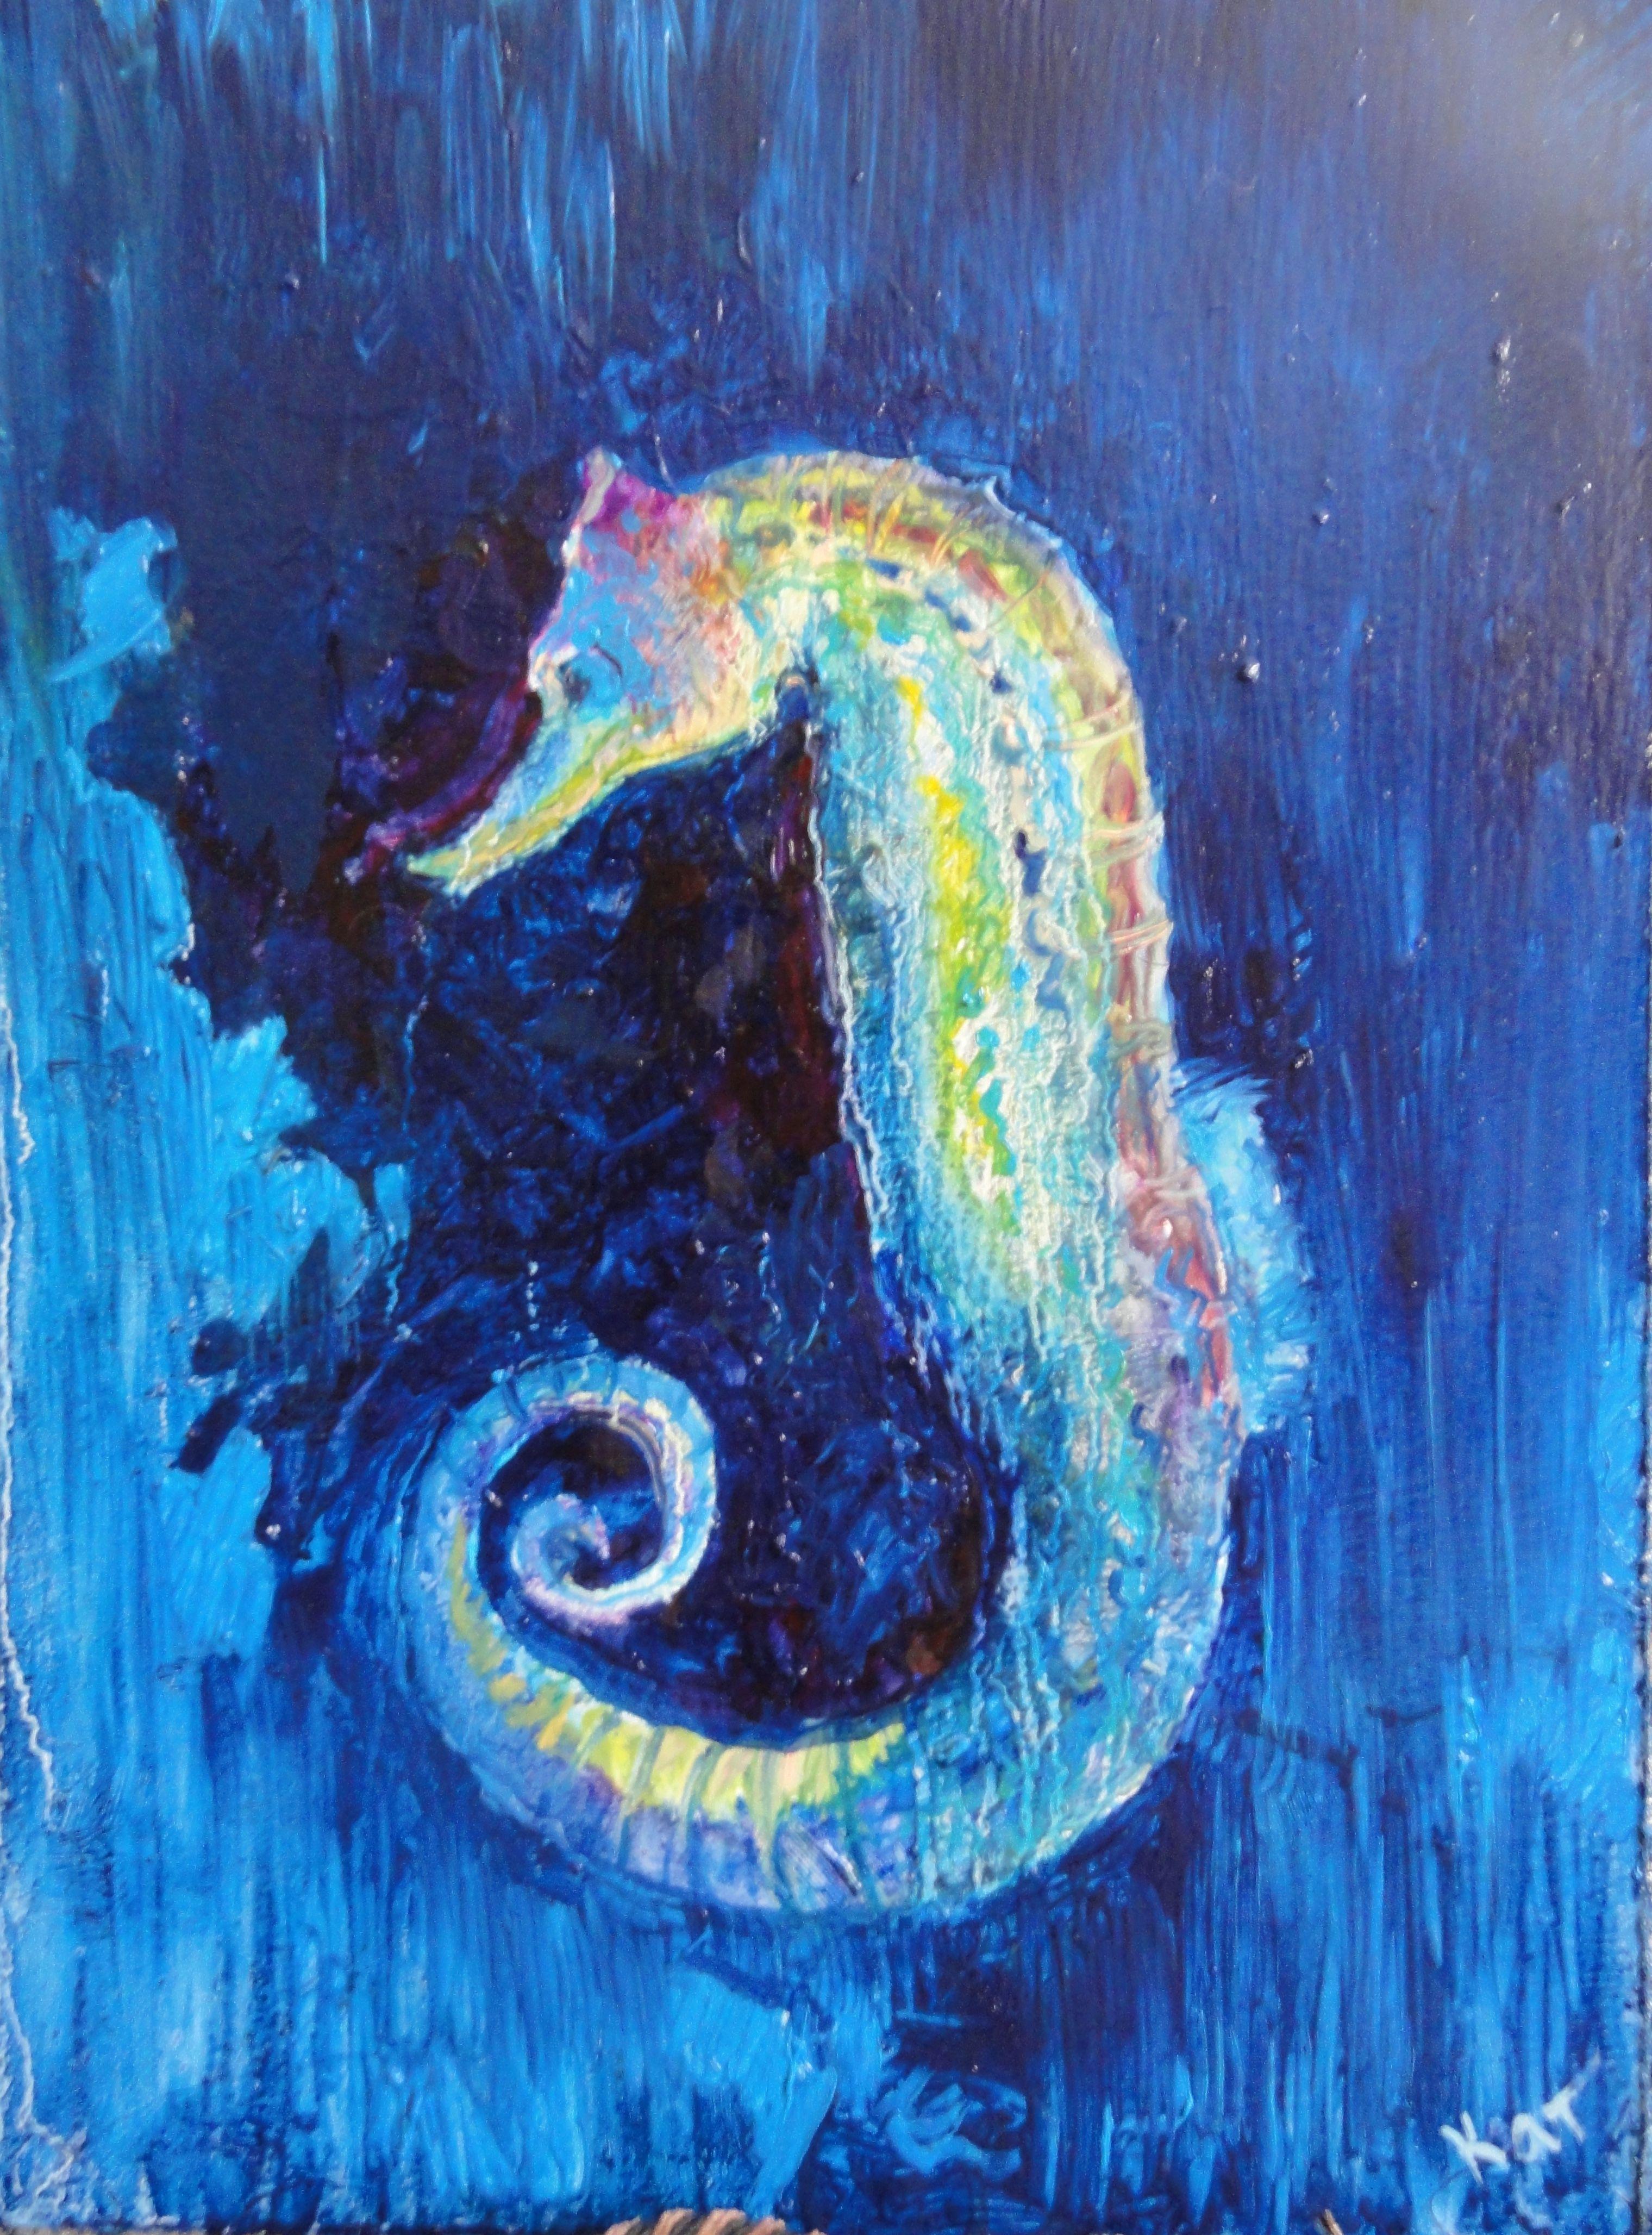 арт картина морскойконек ярко живопись